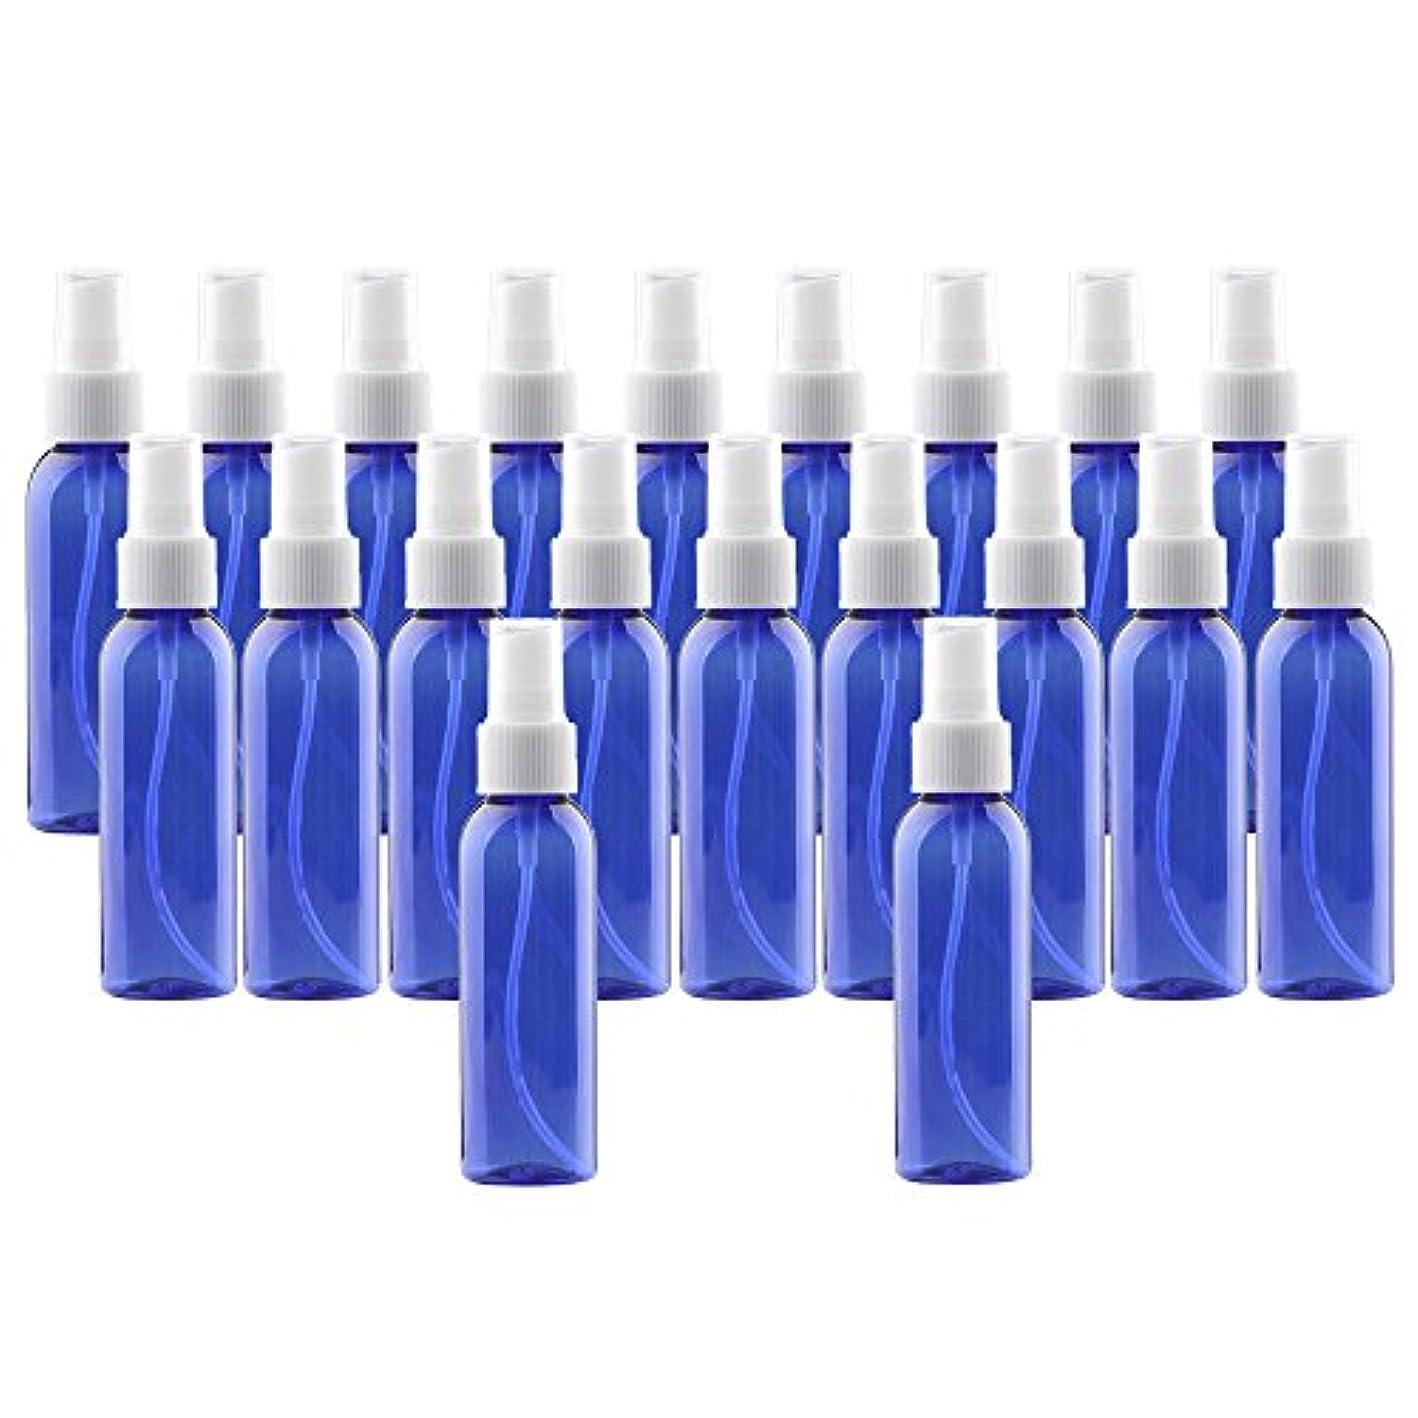 歯痛変わる分離Diystyle 20個セット スプレーボトル 60ml 空容器 香水アトマイザー プラスチック製 詰め替え 化粧品収納 保存容器 ダークブルー